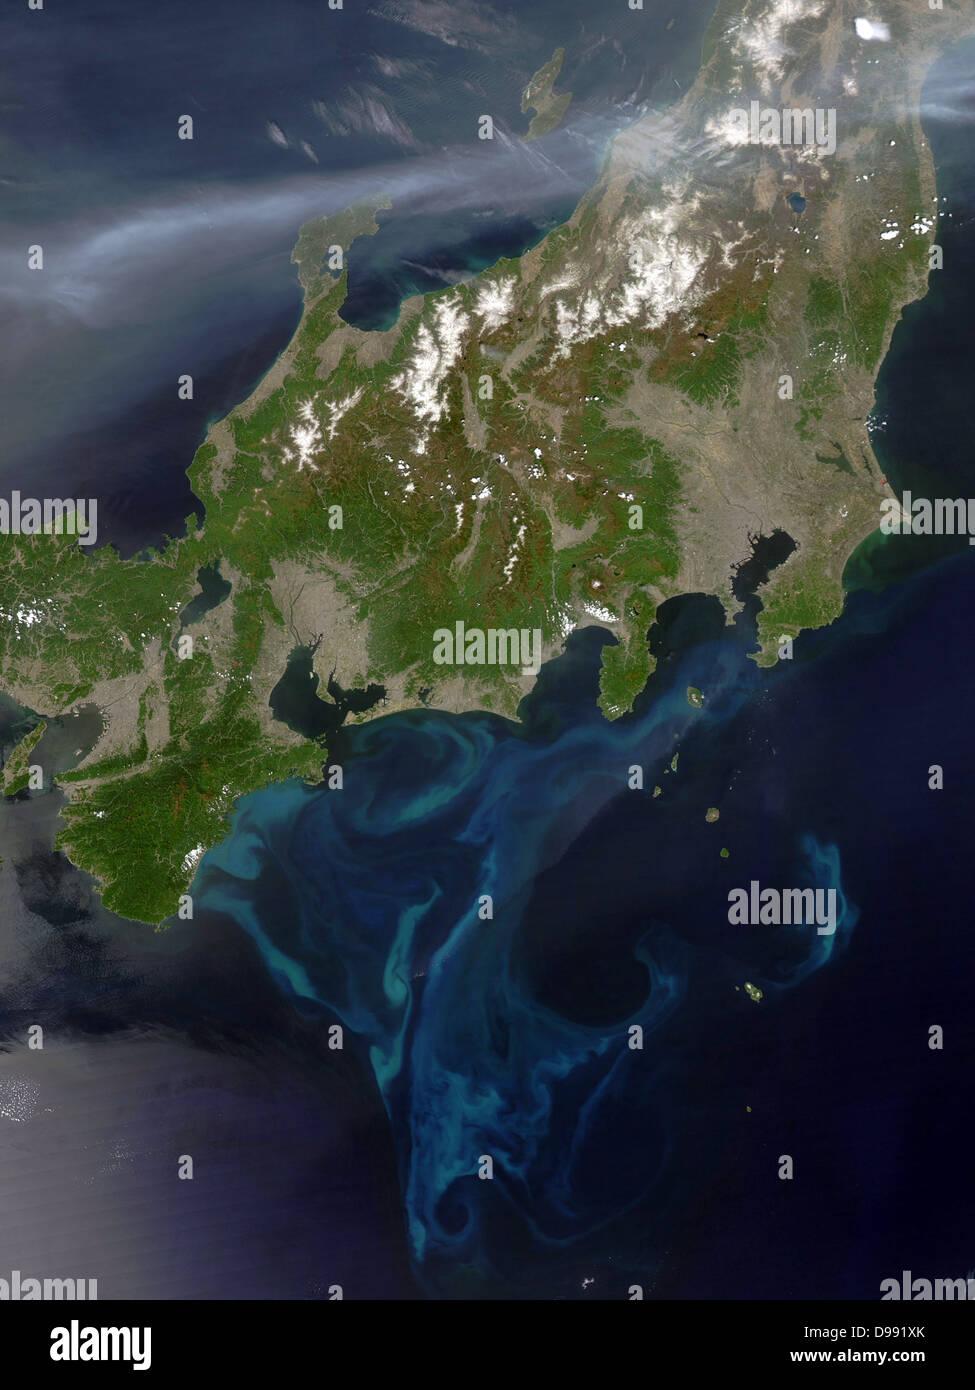 Vue Satellite de l'île de Honshu, Japon, le 4 mai 2005 d'un épais panache de fumée traversant Photo Stock